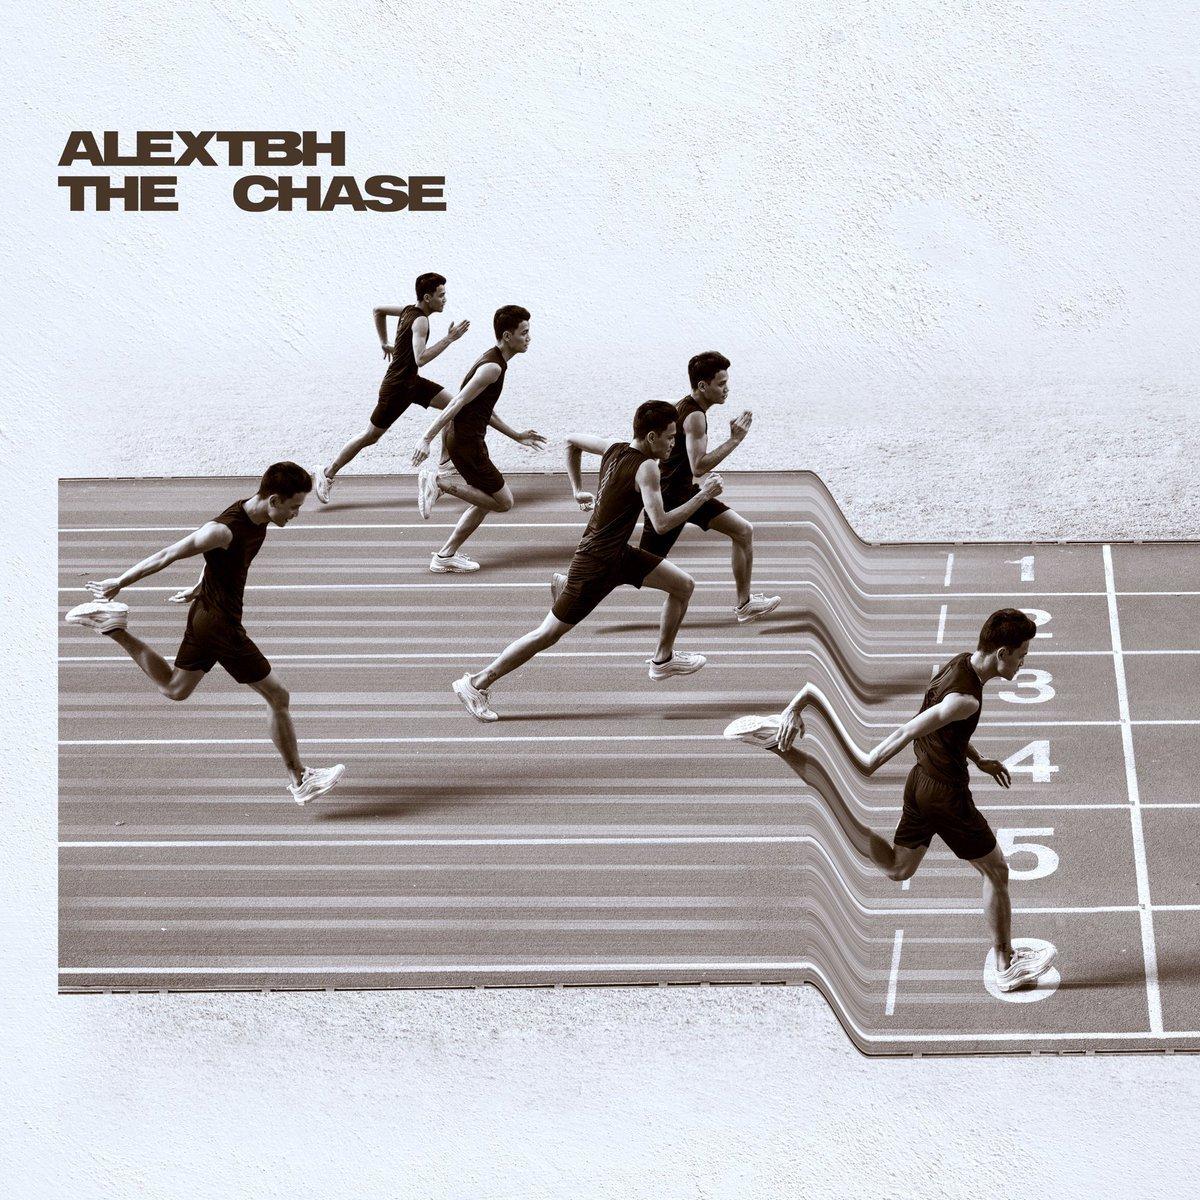 ALEXTBH - THE CHASE album artwork